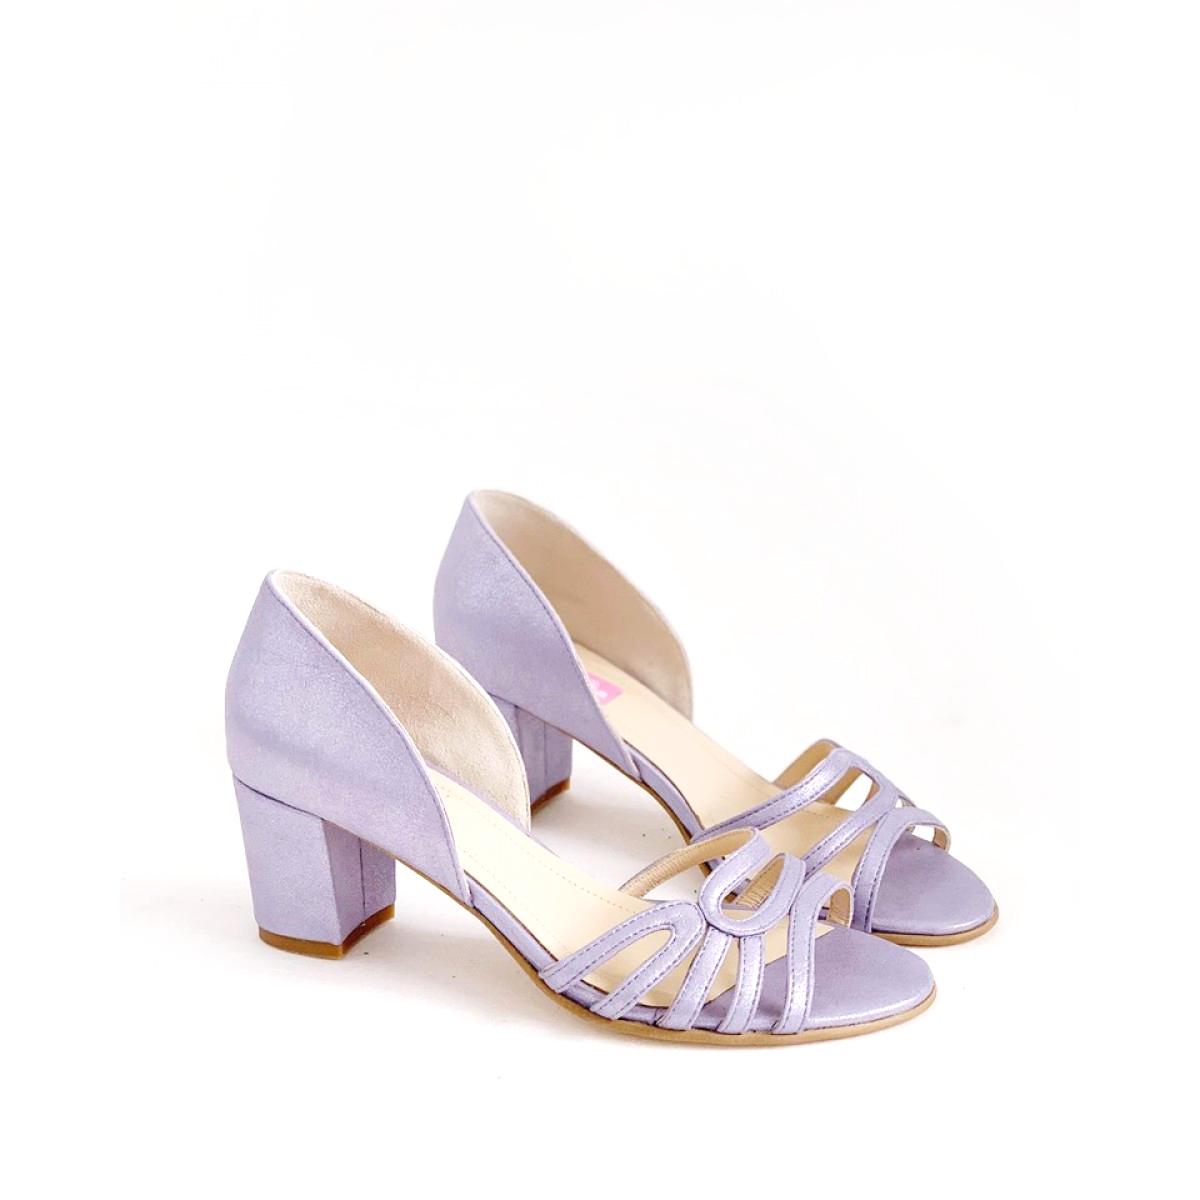 Sandale Details Comfy